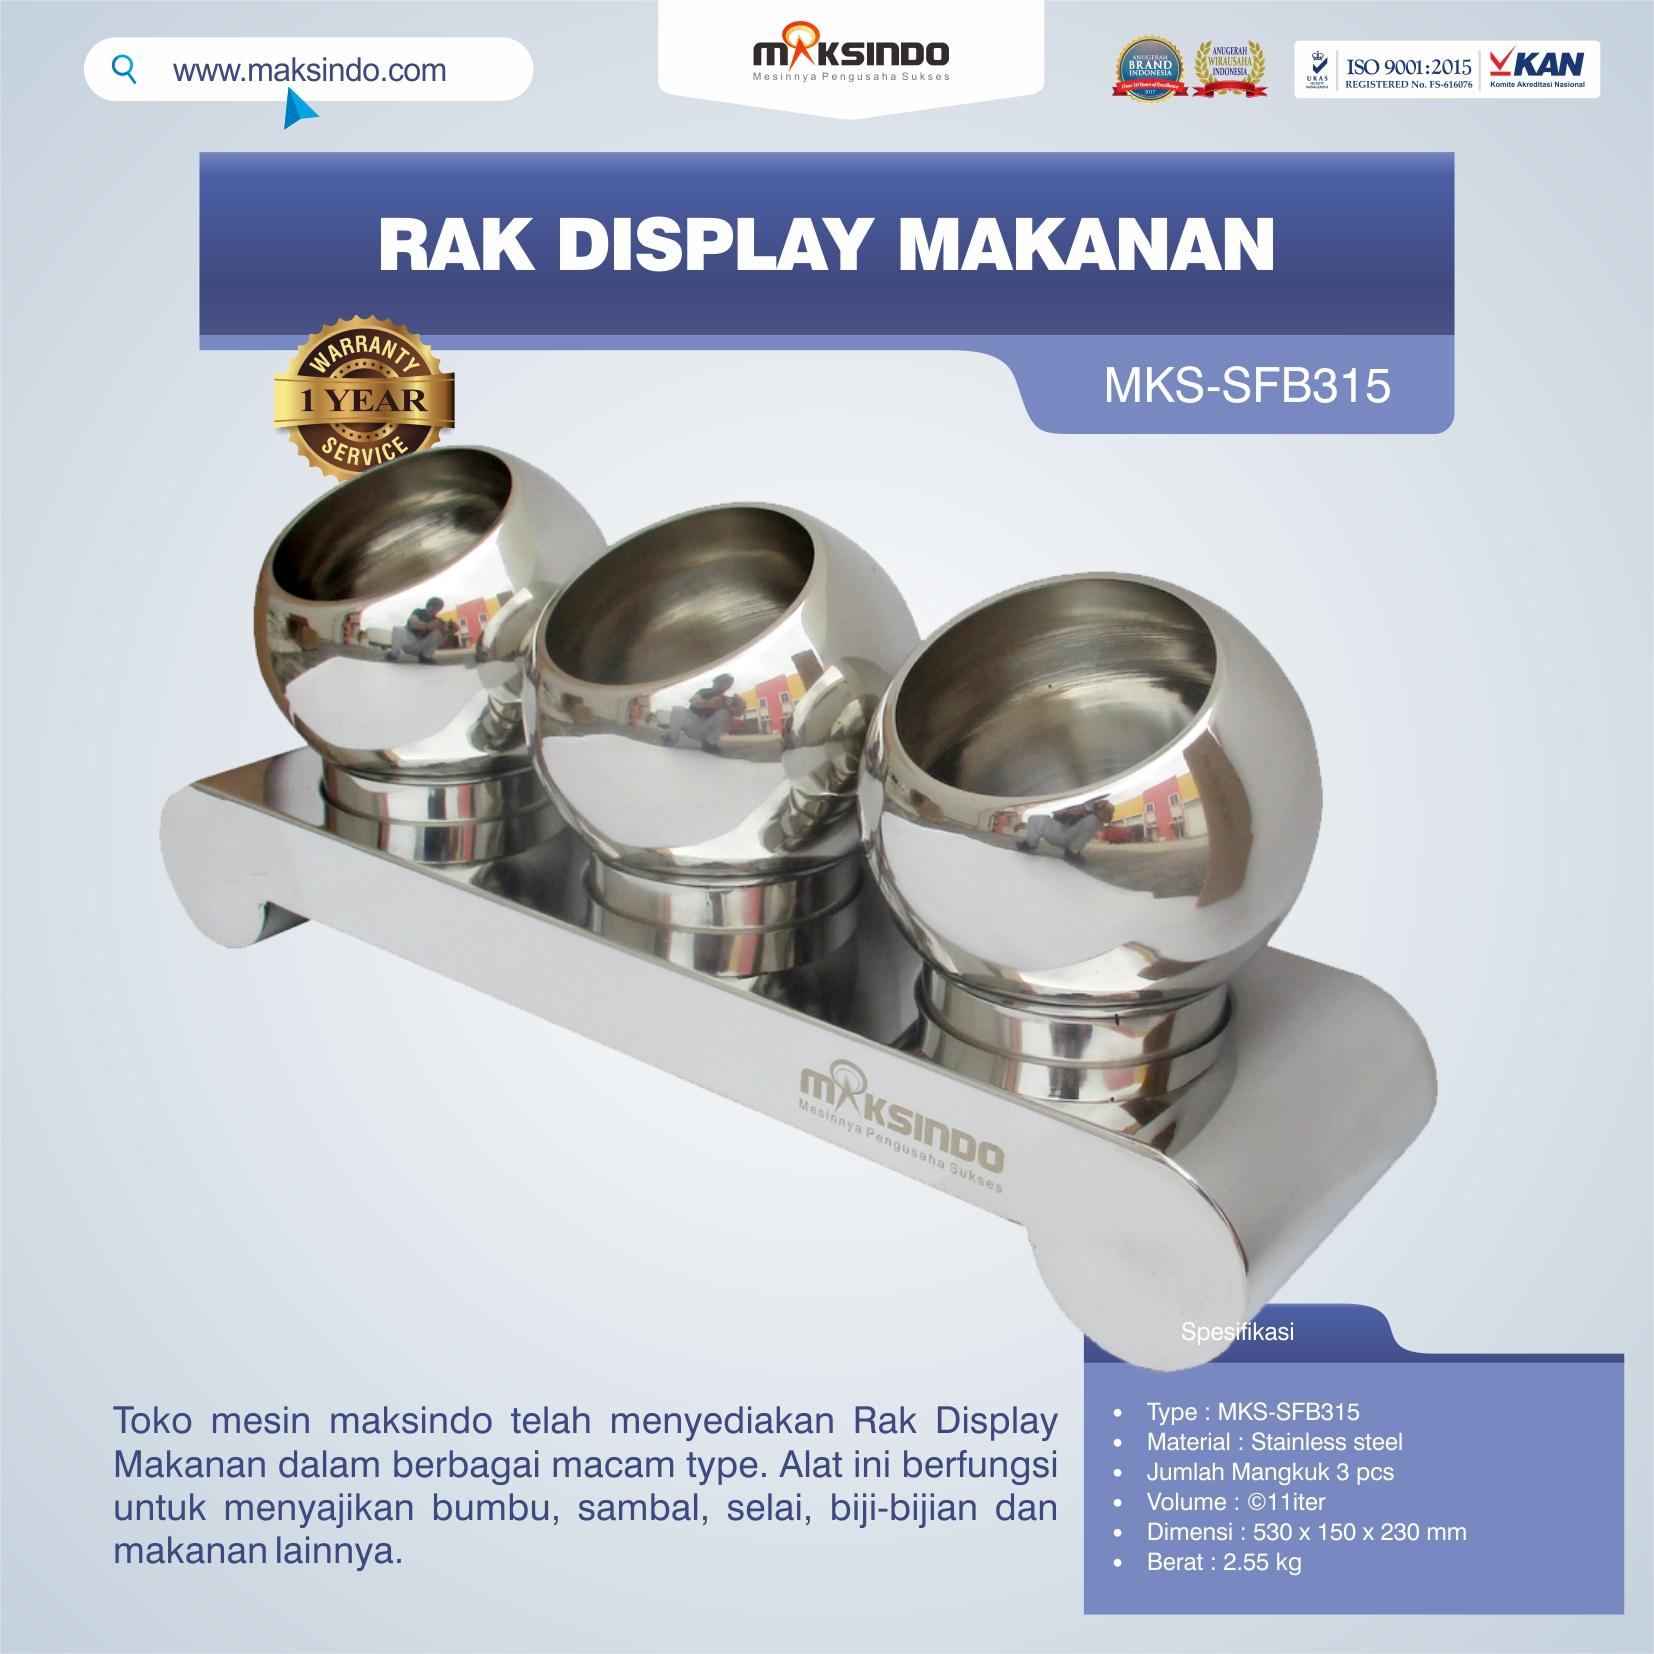 Jual Rak Display Makanan MKS-SFB315 di Bali